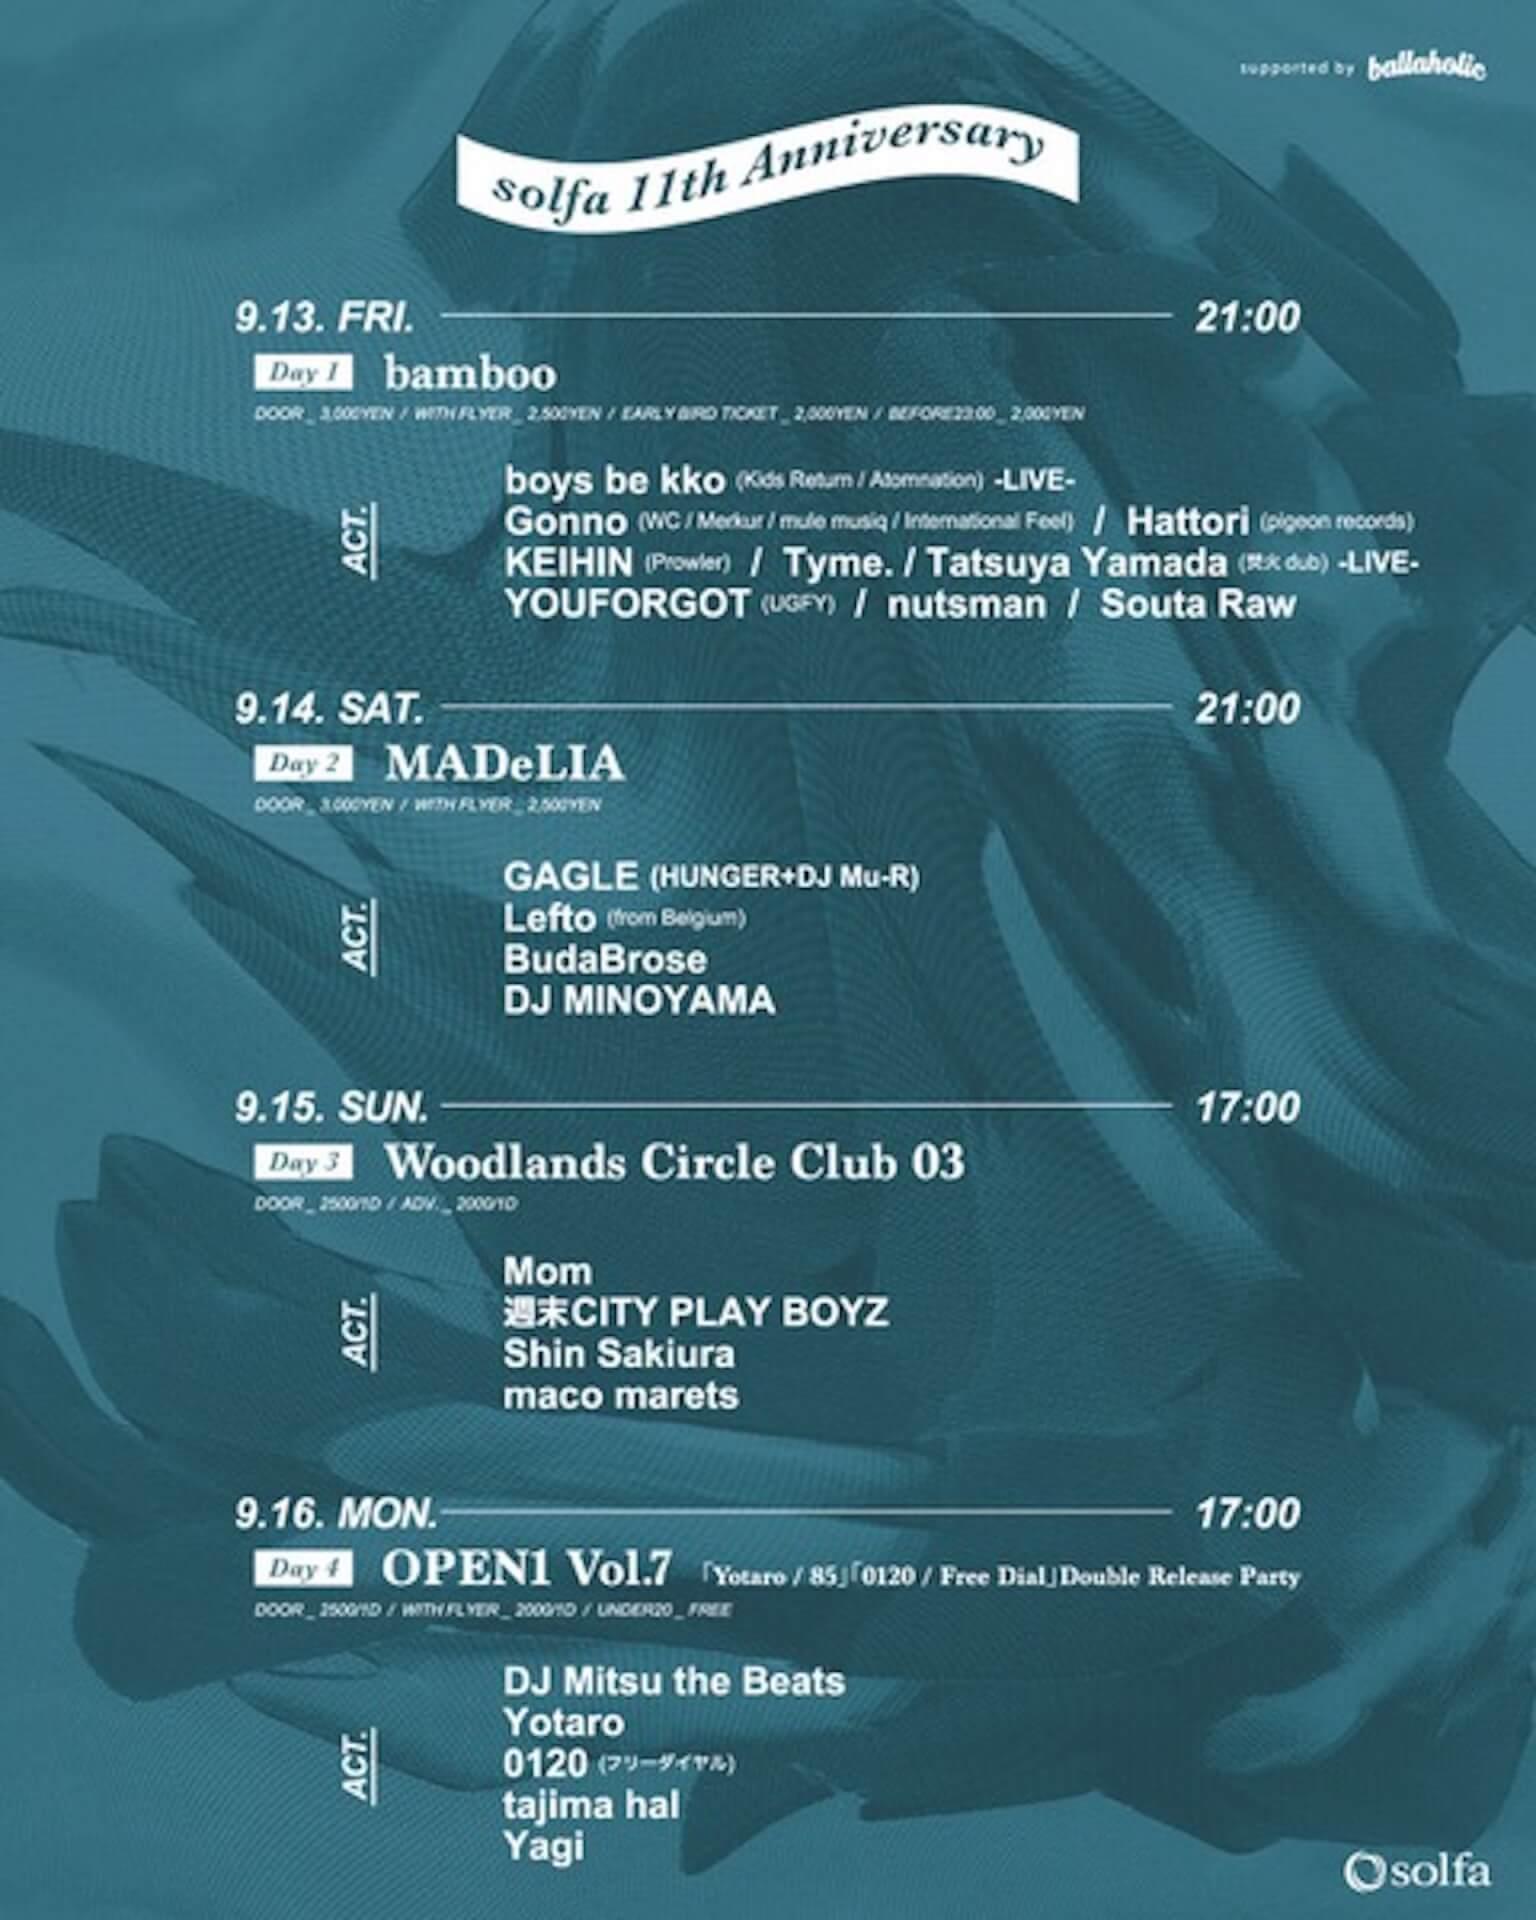 中目黒solfaの11周年アニバーサリーが4日間に渡って開催|GAGLE、Gonno、Momらが出演 music190829-solfa-11th-anniversary-2